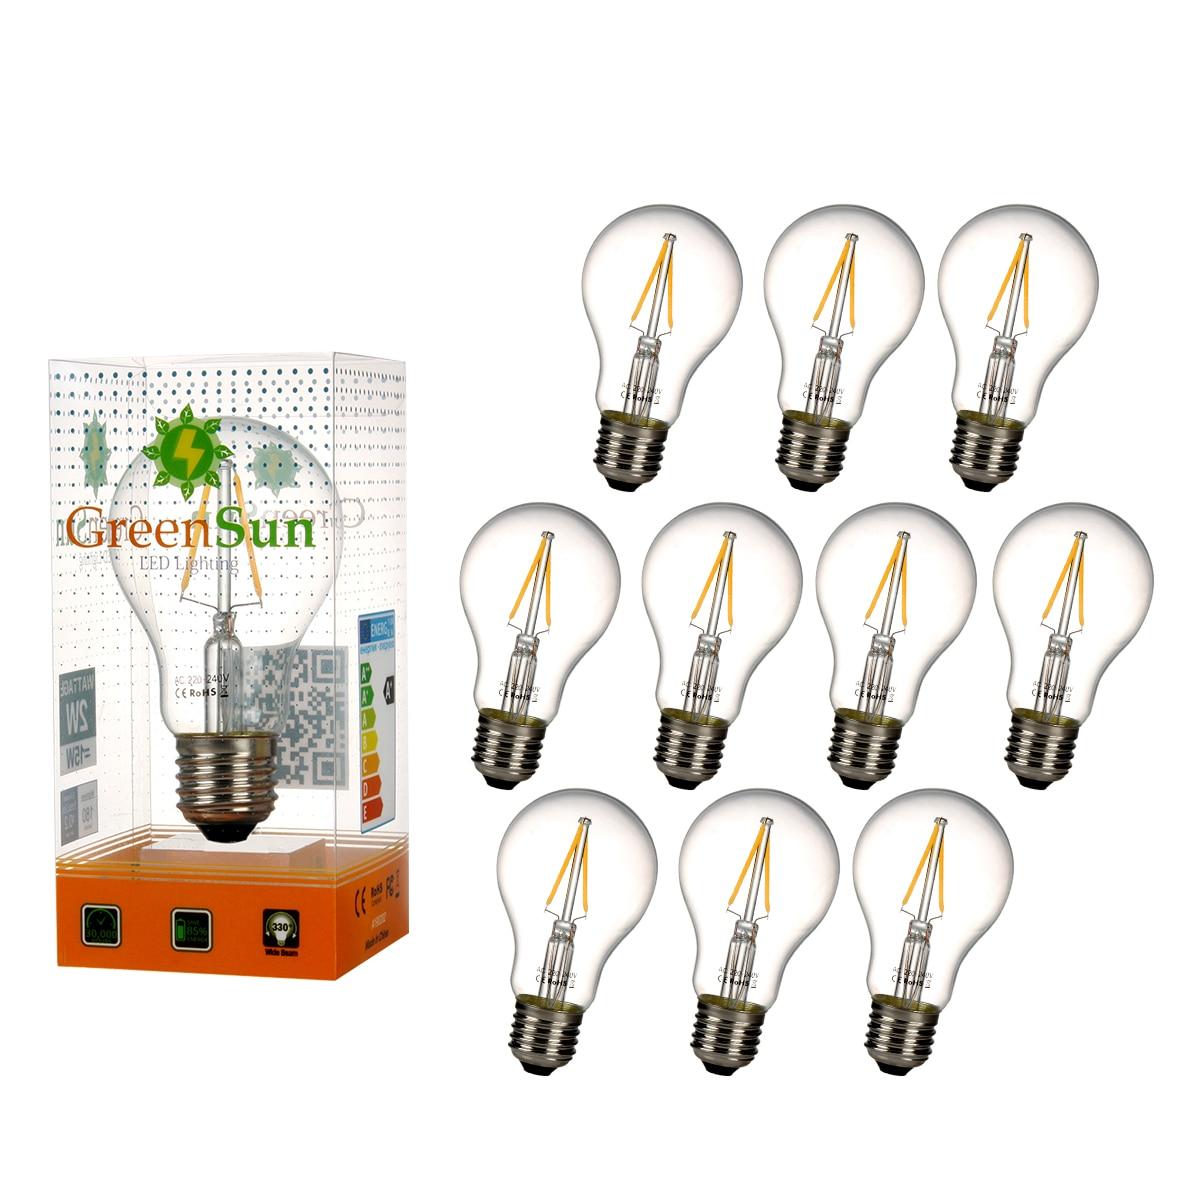 10Pcs E27 2W Edison Filament Warm White LED Energy Saving Bulb Light Lamp 50pcs retro vintage edison e14 led bulb st45 2w led filament glass light lamp warm white energy saving lamps light ac220v